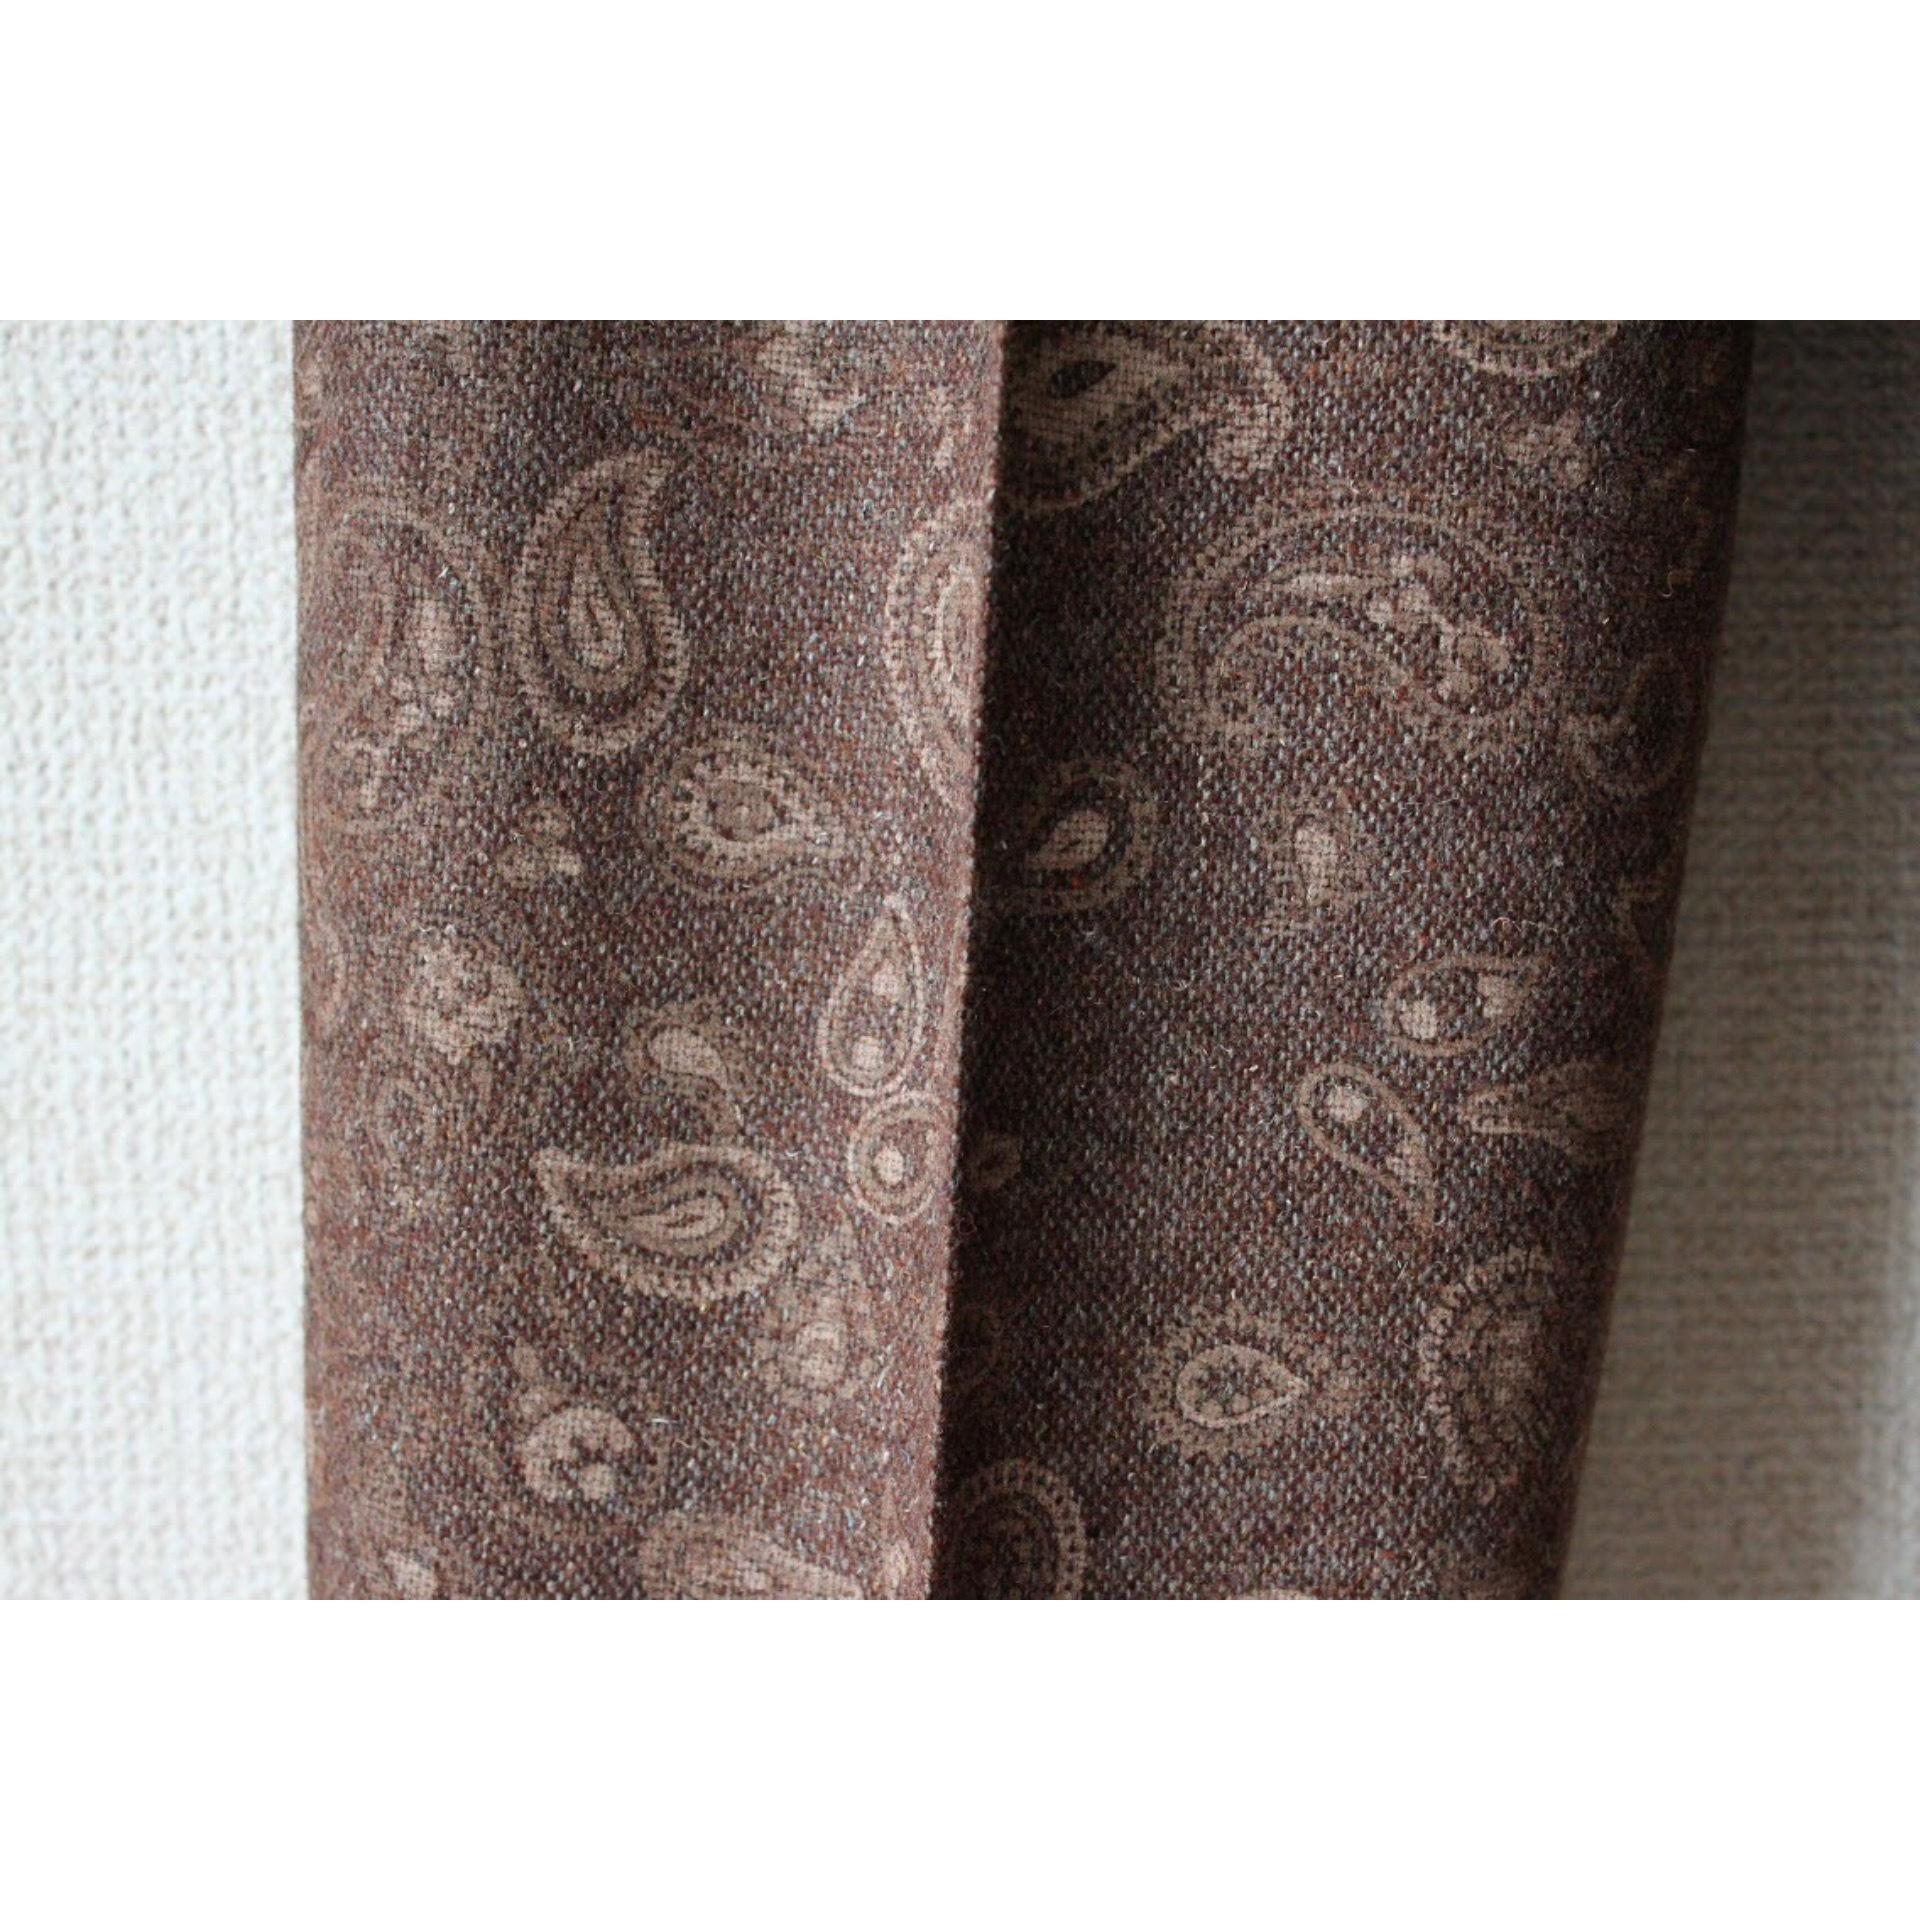 Vintage paisley slacks